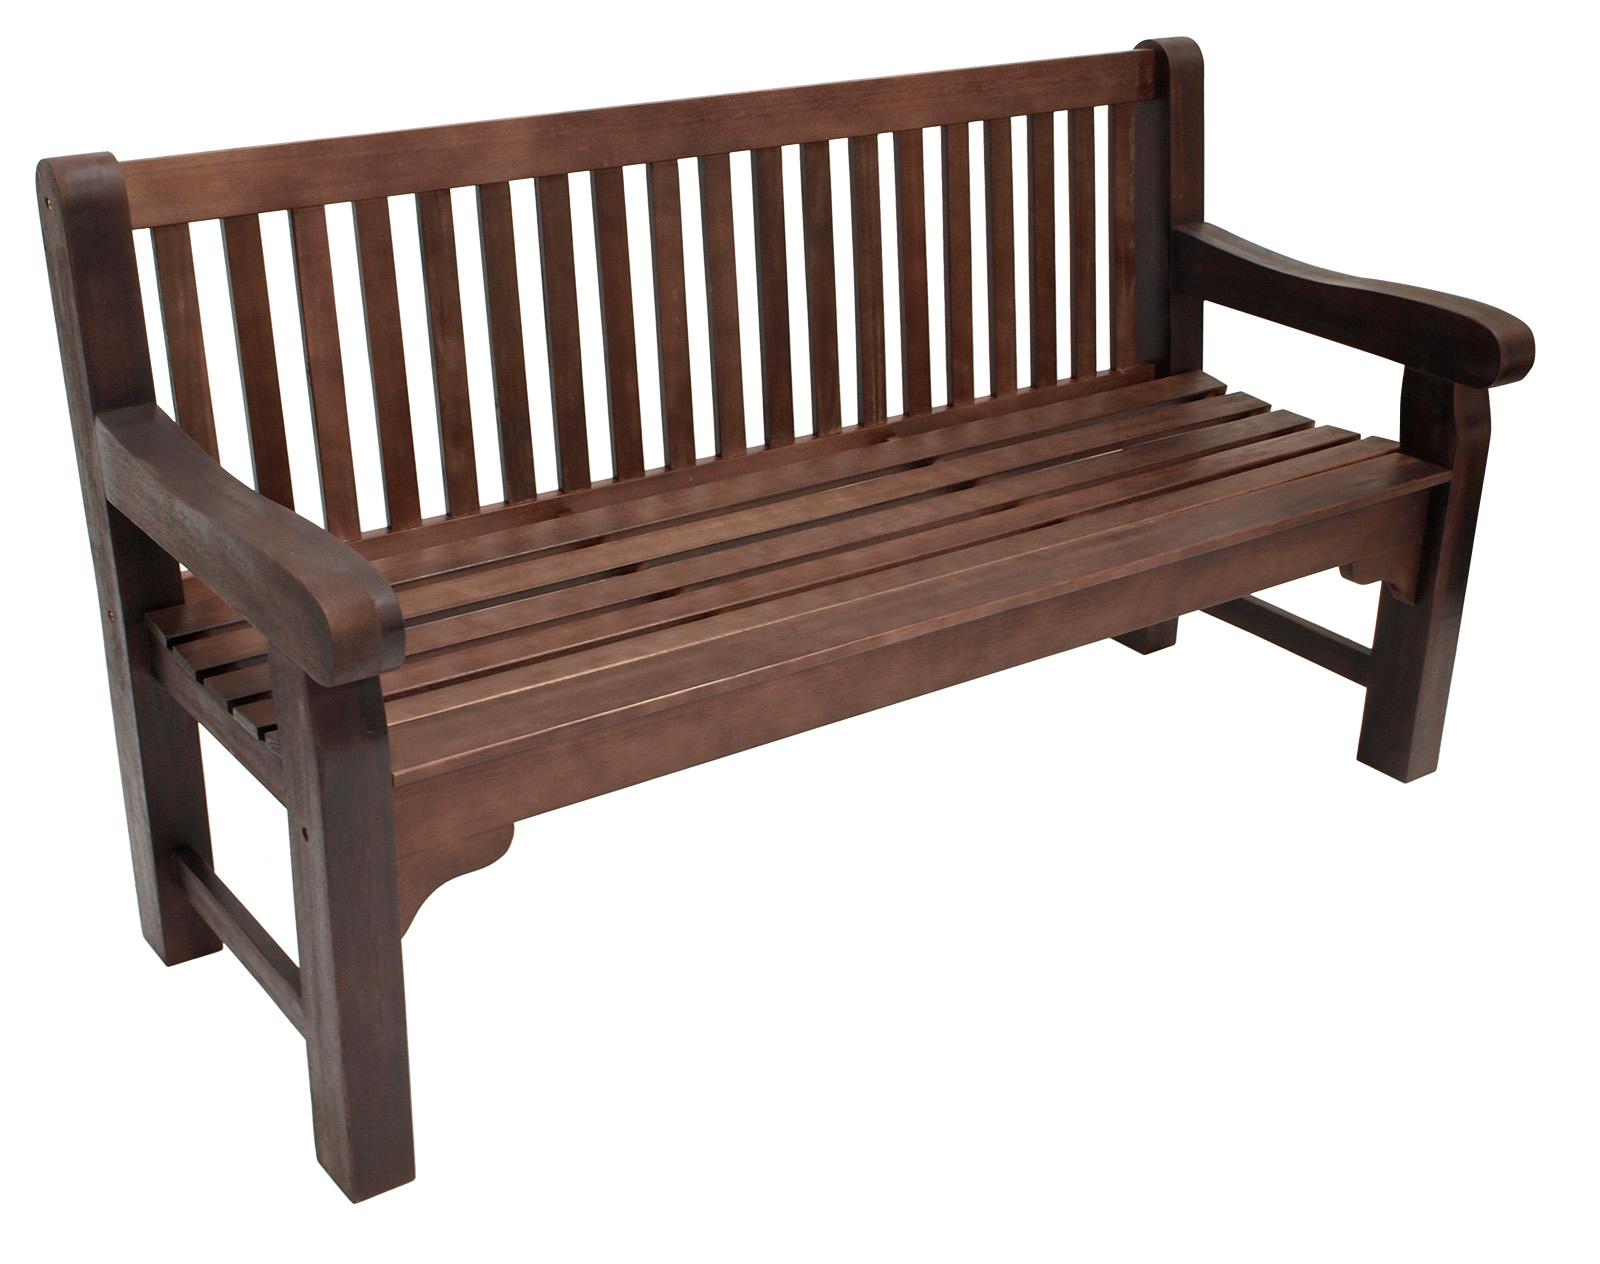 stabile parkbank bristol 3 sitzer im kolonialstil eukalyptus dunkel ge lt ebay. Black Bedroom Furniture Sets. Home Design Ideas